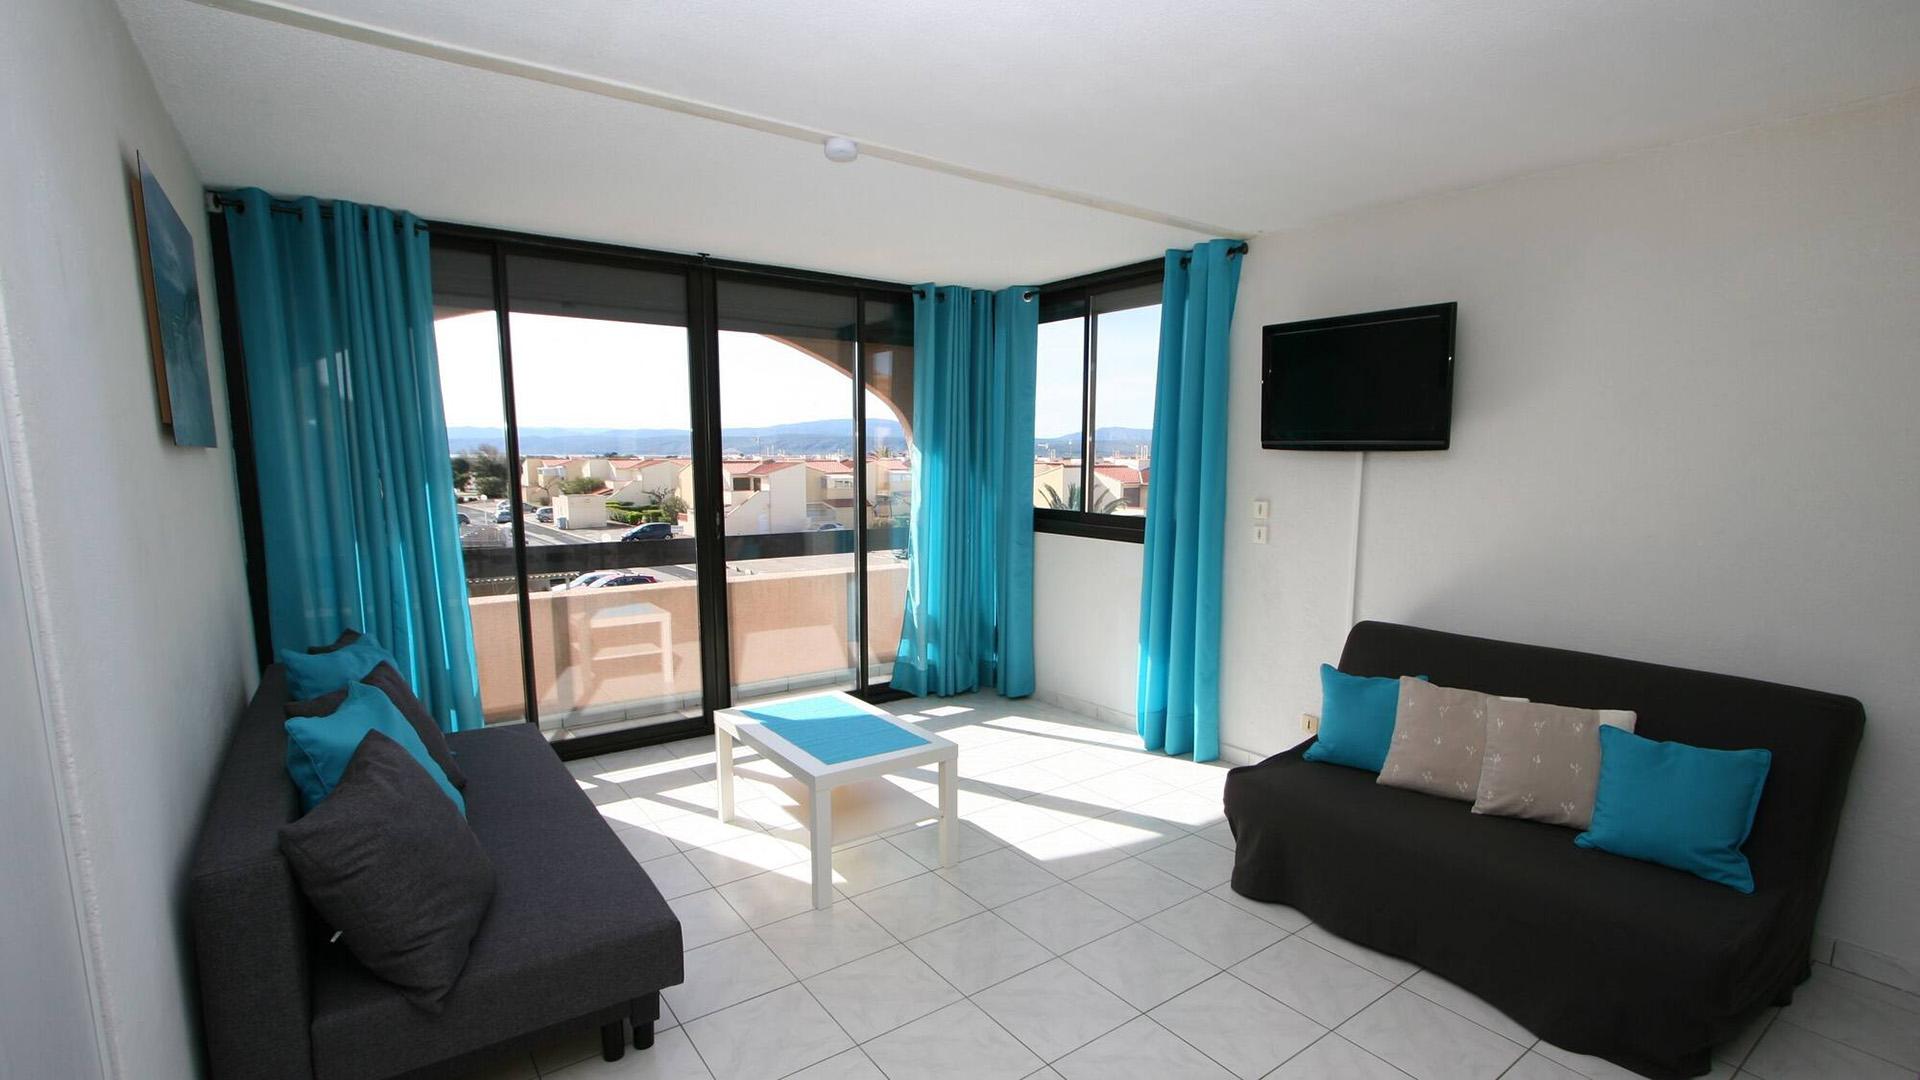 Apartamento en venta en Dubai, EAU, 2 dormitorios, 120 m2, № 23873 – foto 1